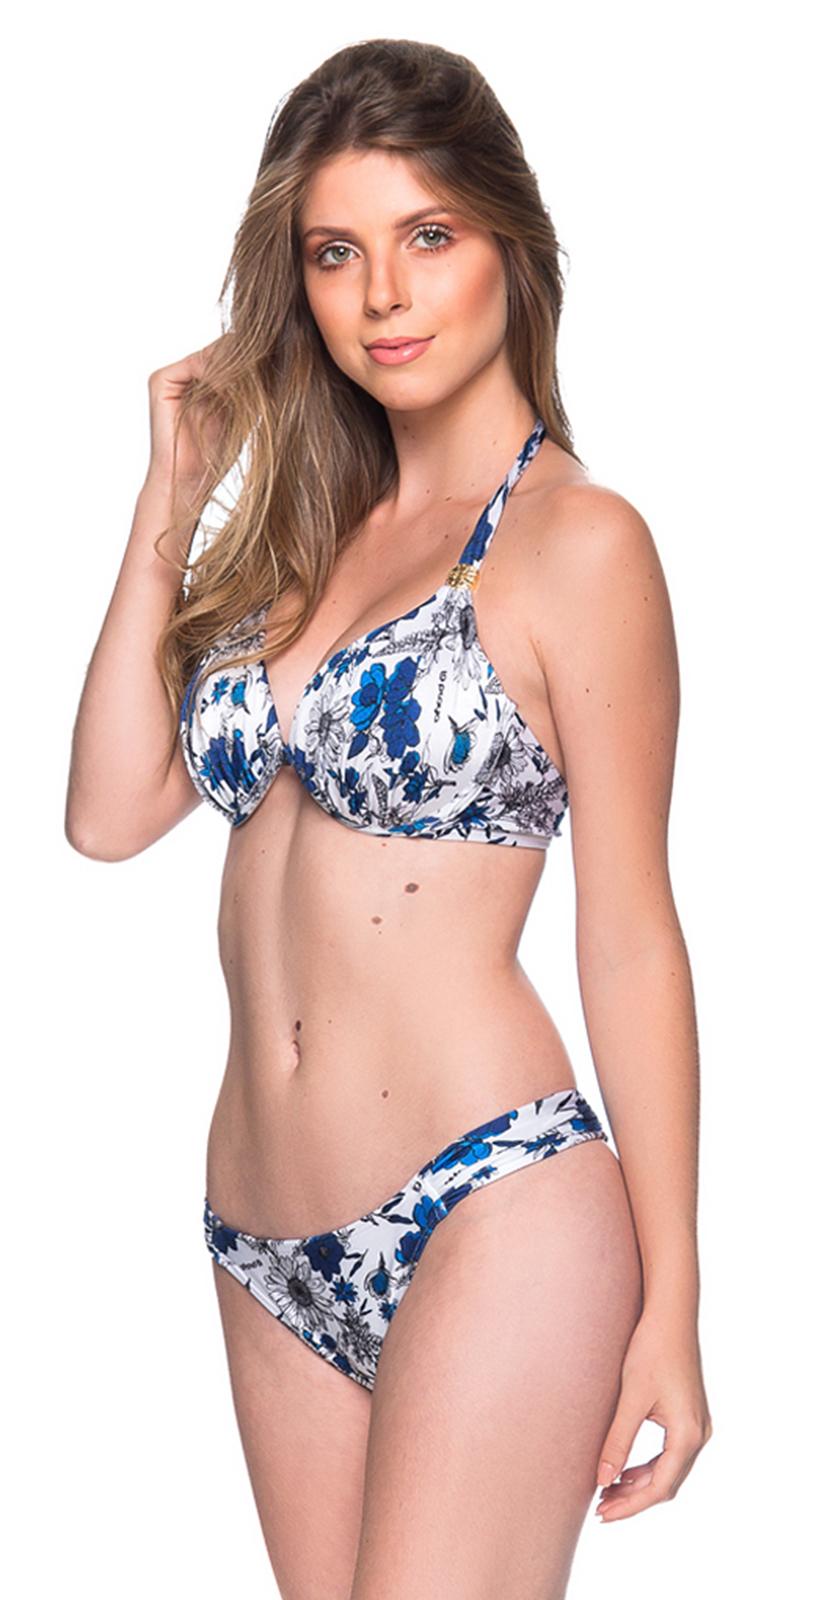 a9911a07d8e Blue & White Floral Bikini With Pleated Sides - Turbinada Atoba - La ...